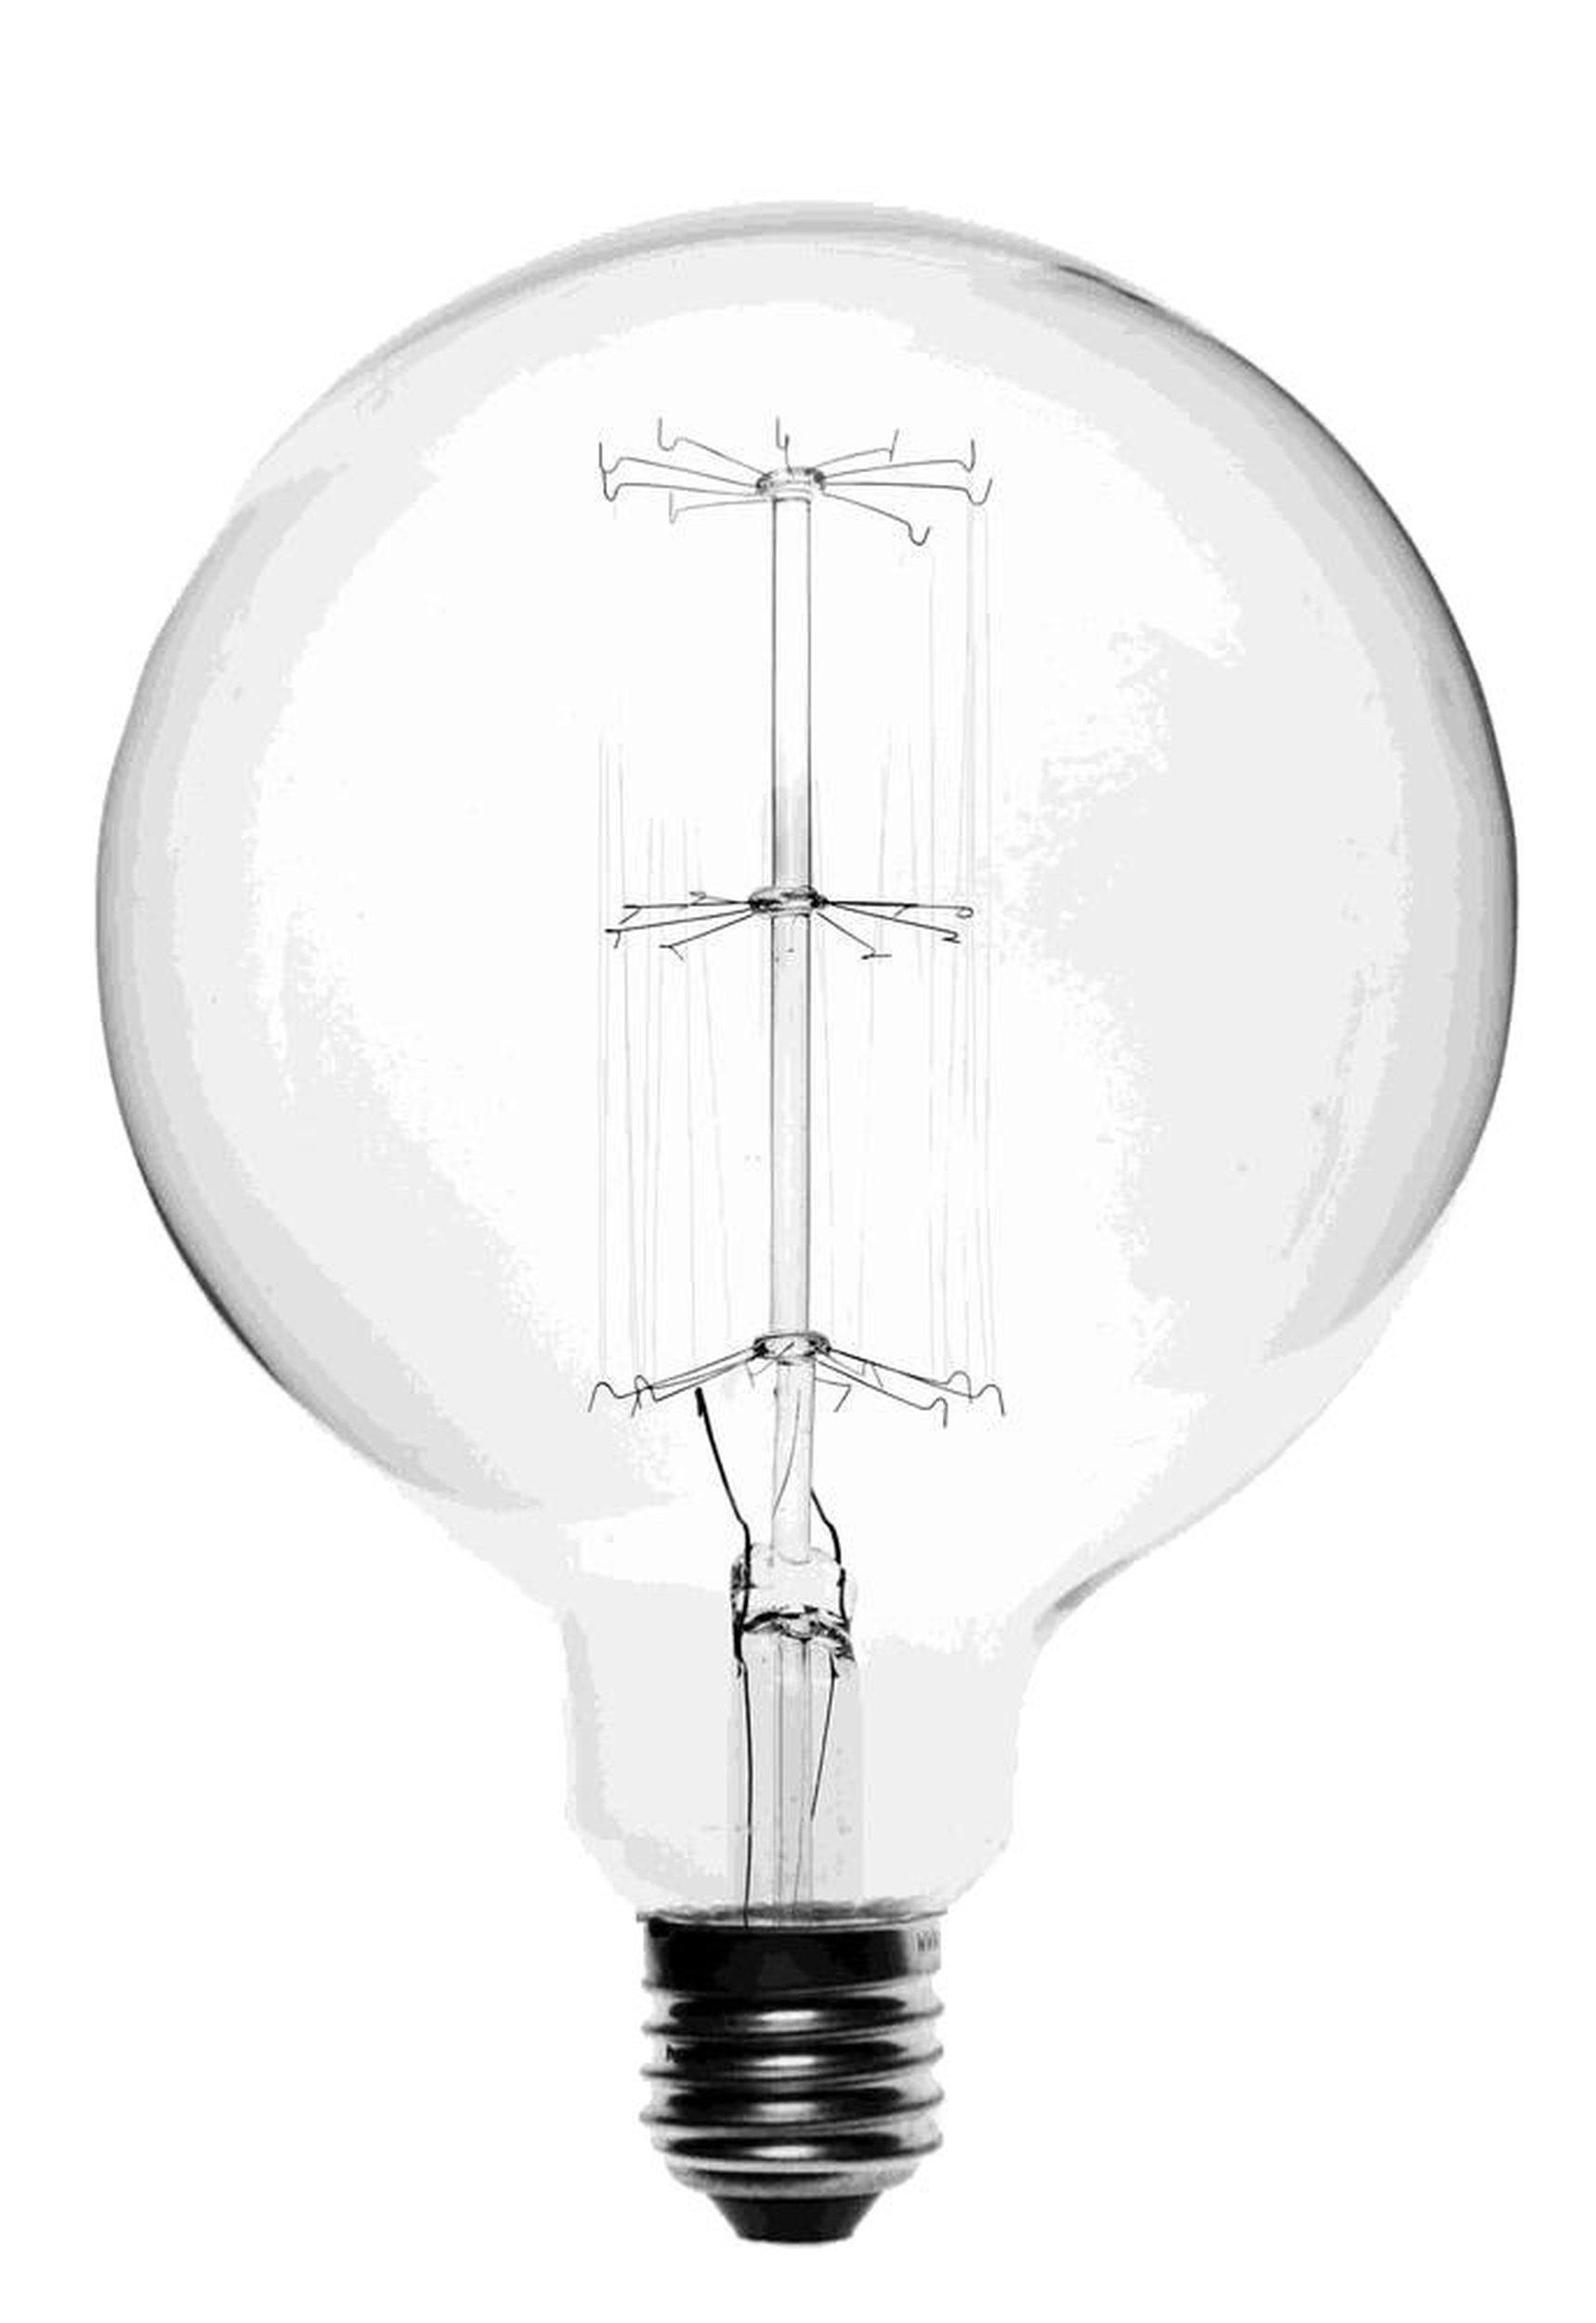 żarówka Dekoracyjna Mega Edison E27 Danlamp Fabryka Form